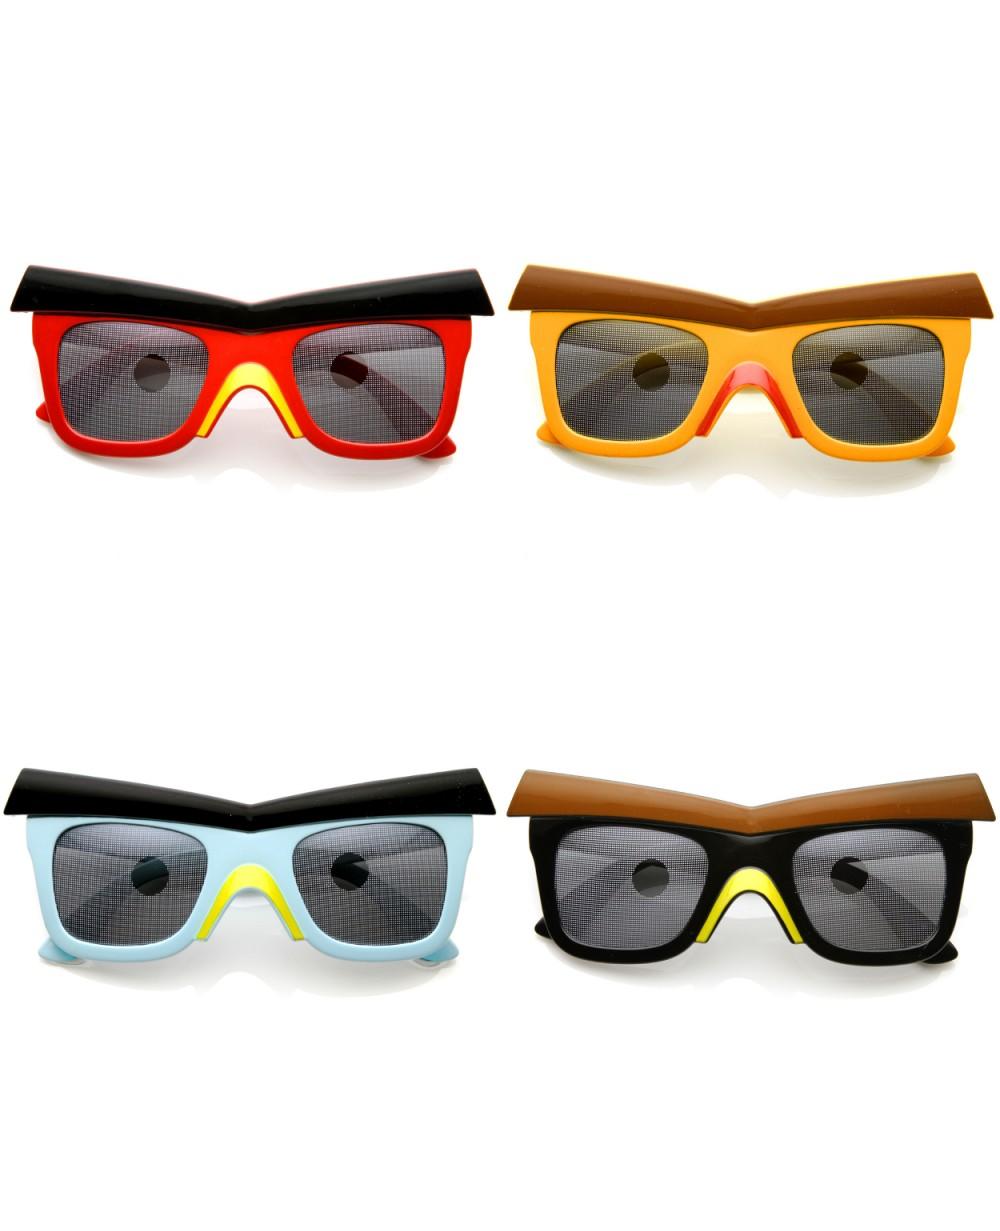 Beak-Sunglasses4 12 Unusual Sunglasses trends in 2018